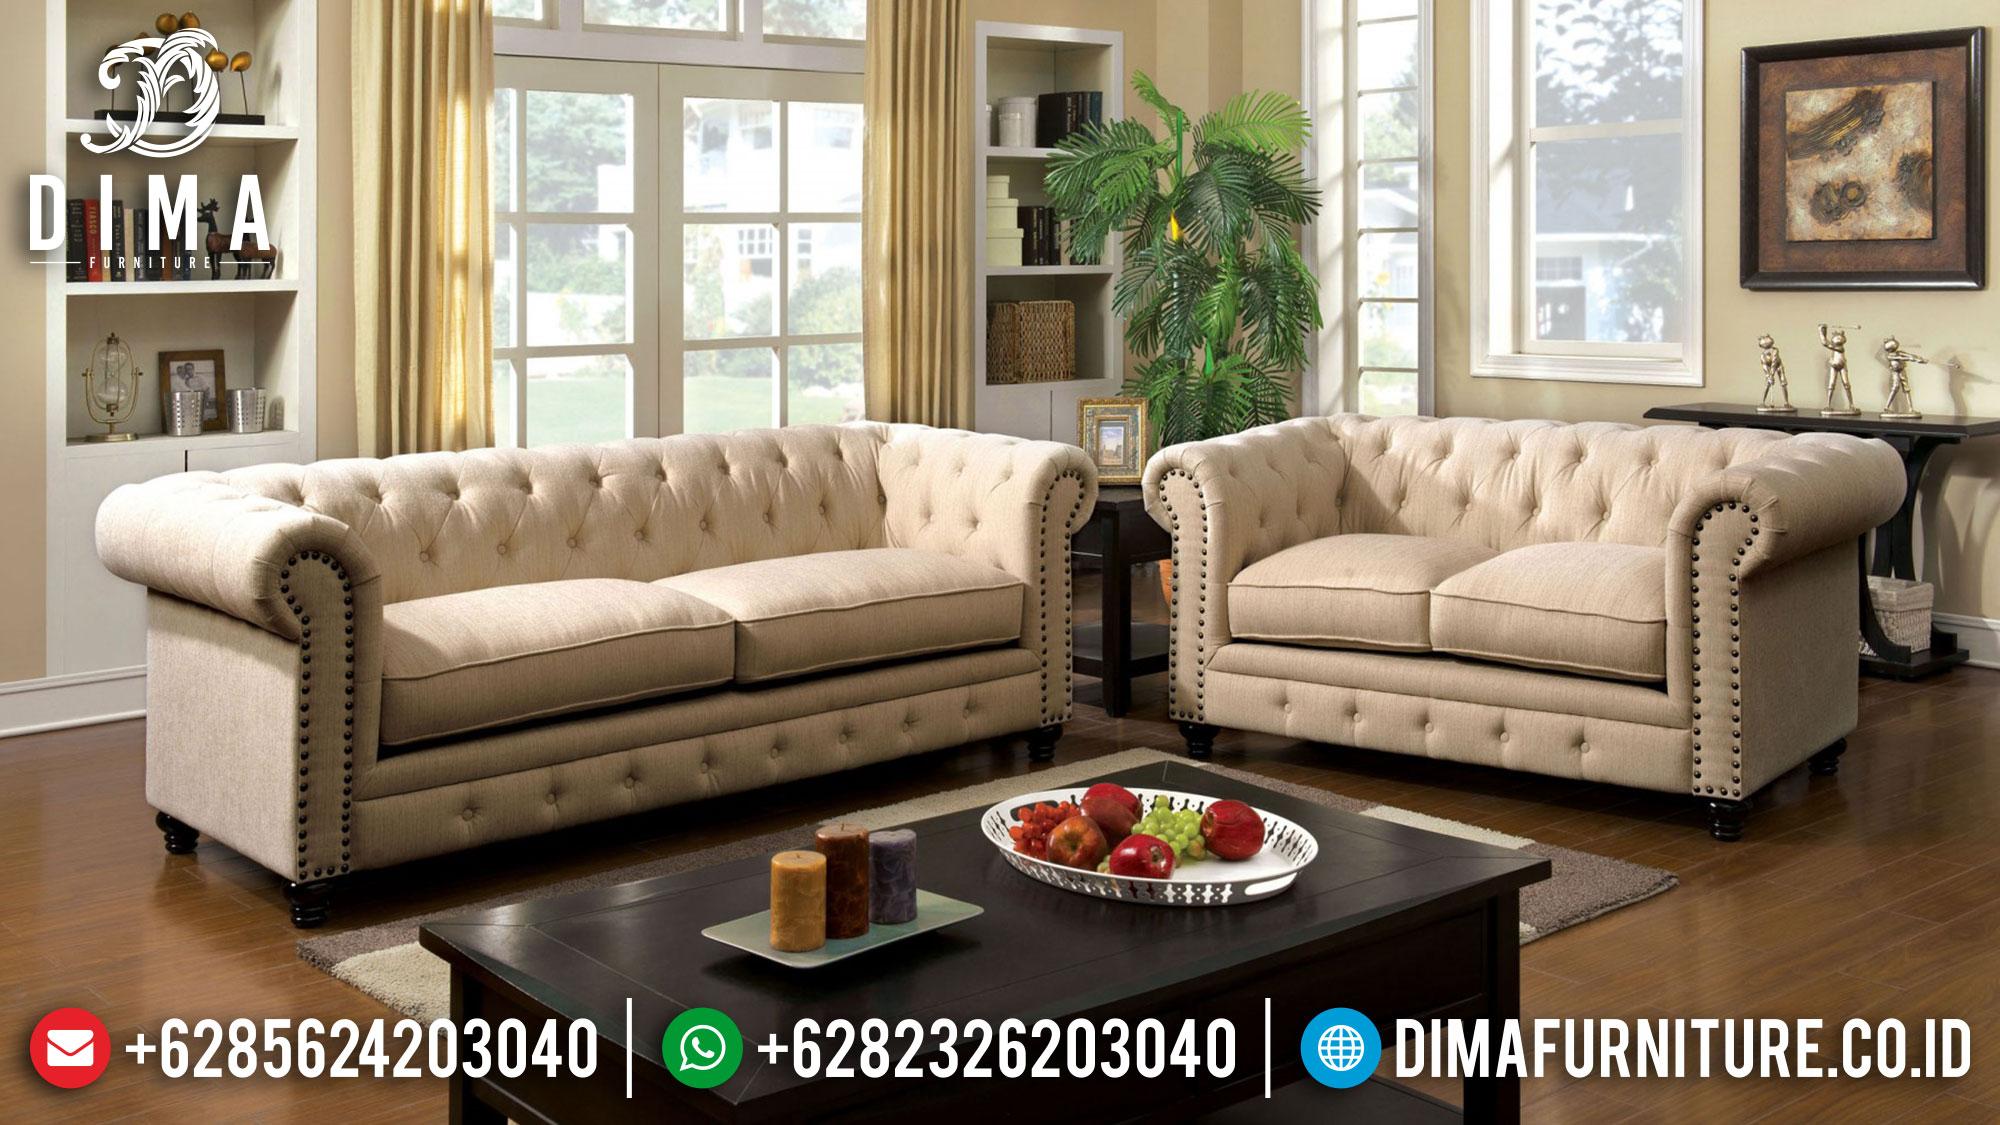 Jual Sofa Minimalis Ruang Tamu Great Quality Item Solid Wood Mm-0879